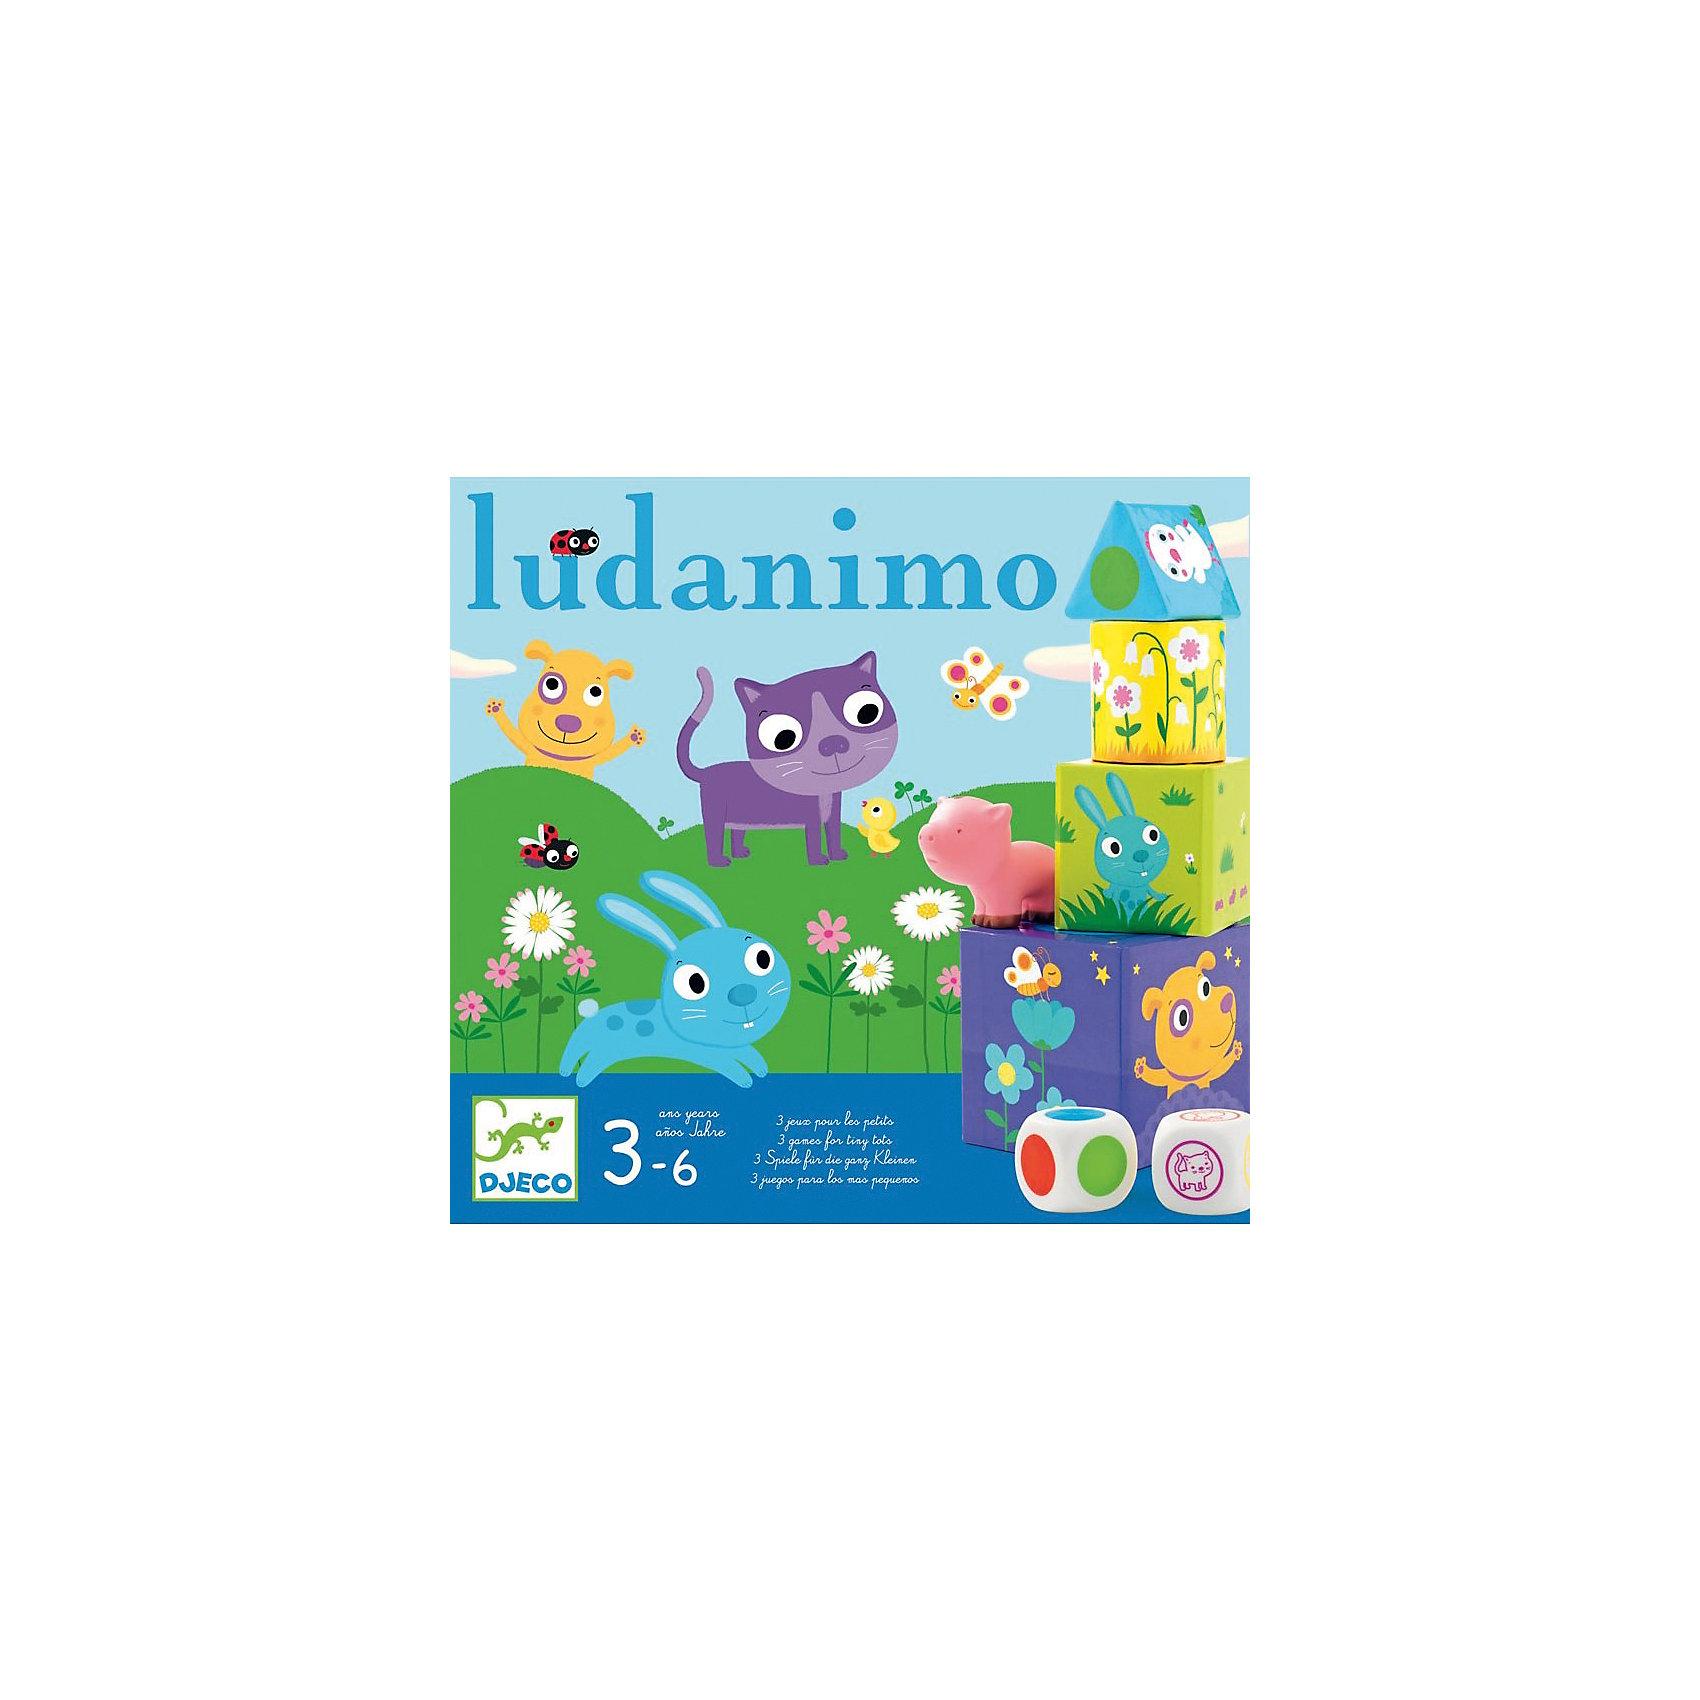 Игра Люданимо, DJECOРазвивающие игры<br>Игра на развитие памяти. <br><br>Существуют различные способы игры в Люданимо. Дети могут играть в Люданимо самостоятельно или с помощью взрослых. <br>Один из вариантов игры в Люданимо называется Прятки.<br>Взрослый прячет под 6 кубиками фигура 6 фигурок животных. <br>Первый ребенок бросает кубик, старается найти животное, выпавшее на кубике, поднимая на выбор куб фигура.<br><br>Если разыскиваемое животное это то, которое находится под кубом, он выигрывает животное и кладет его перед собой.<br>Если разыскиваемое животное не то, которое находится под кубом, или если там нет животного, бросать кубик должен следующий игрок.<br>Особый случай: Если на кубике выпадает уже найденное животное, ход переходит к следующему игроку.<br>Выигрывает ребенок, который найдет больше животных.<br><br>Дополнительная информация:<br><br>Игра содержит:<br>1 кубик животные, 1 кубик цвета, 15 кубов фигура (5 квадратов,<br>6 кругов и 4 треугольника), цвет которых определяет кружок сверху,<br>6 животных.<br><br>Размер упаковки: 30 х 28 см. <br><br><br>Интересная игра, в которой возможны различные комбинации для совместной игры!<br><br><br><br>Игру Люданимо, DJECO (Джеко) можно купить в нашем магазине.<br><br>Ширина мм: 280<br>Глубина мм: 95<br>Высота мм: 300<br>Вес г: 800<br>Возраст от месяцев: 36<br>Возраст до месяцев: 60<br>Пол: Унисекс<br>Возраст: Детский<br>SKU: 2200009